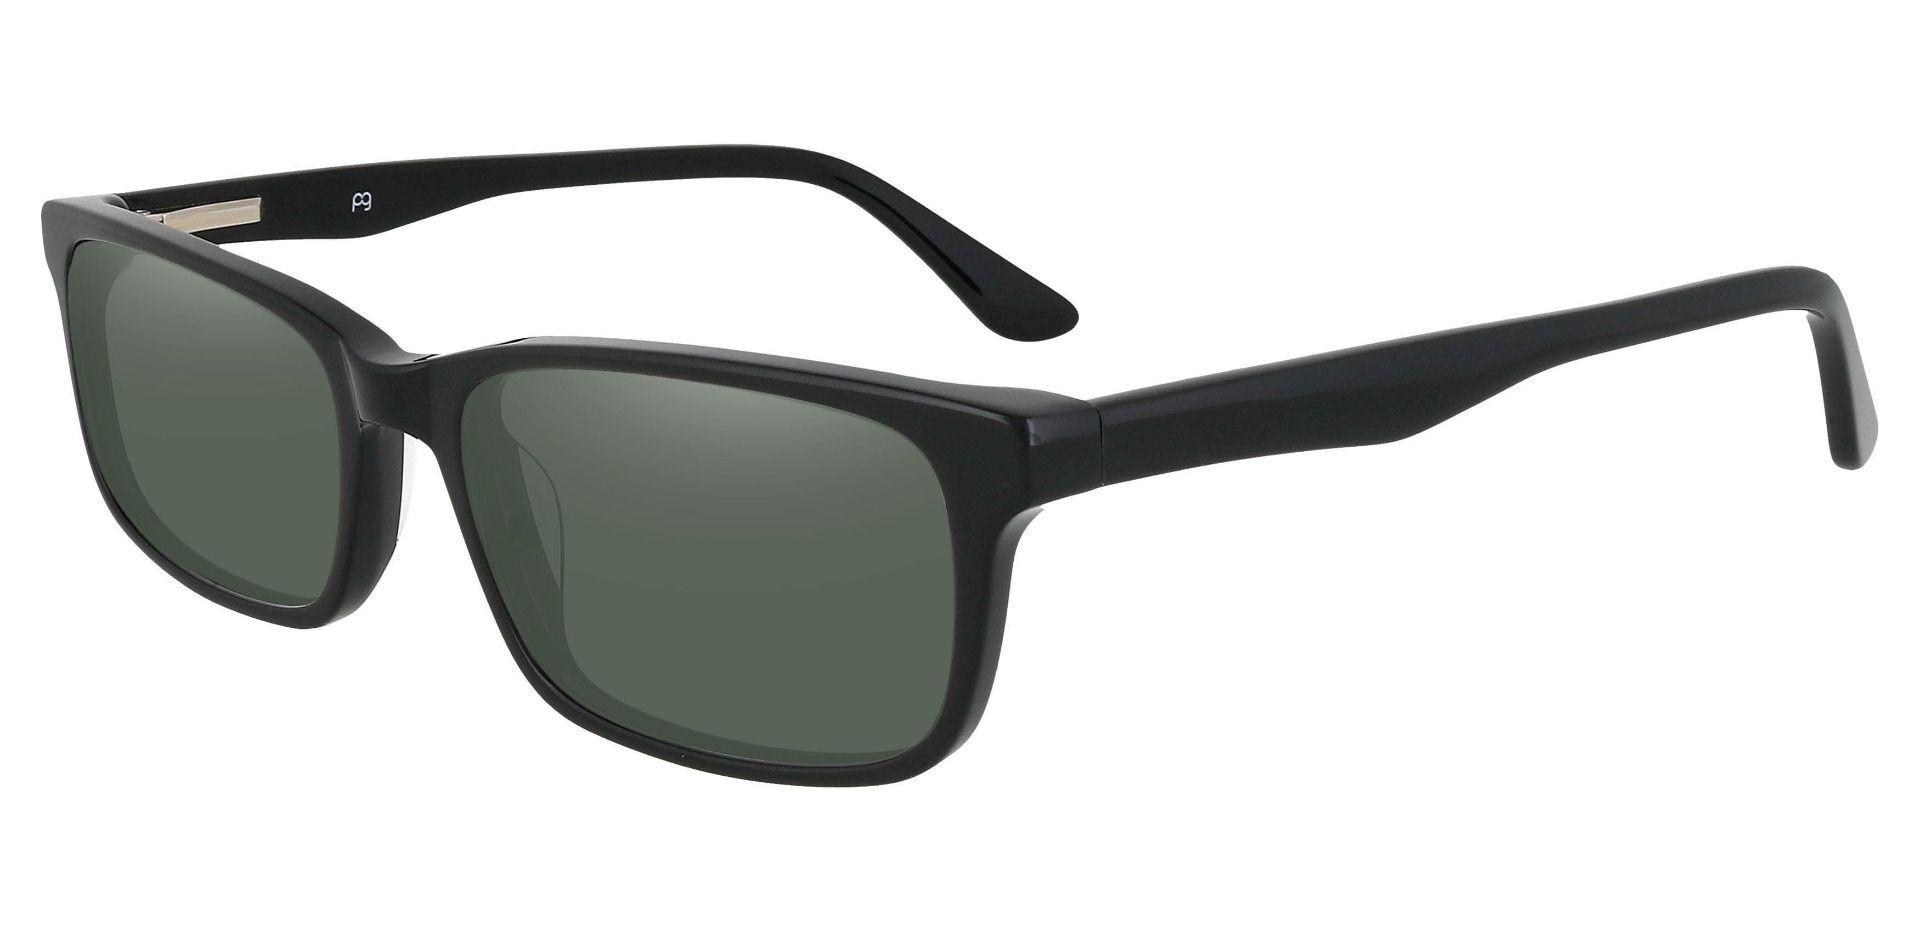 Hendrix Rectangle Progressive Sunglasses - Black Frame With Green Lenses